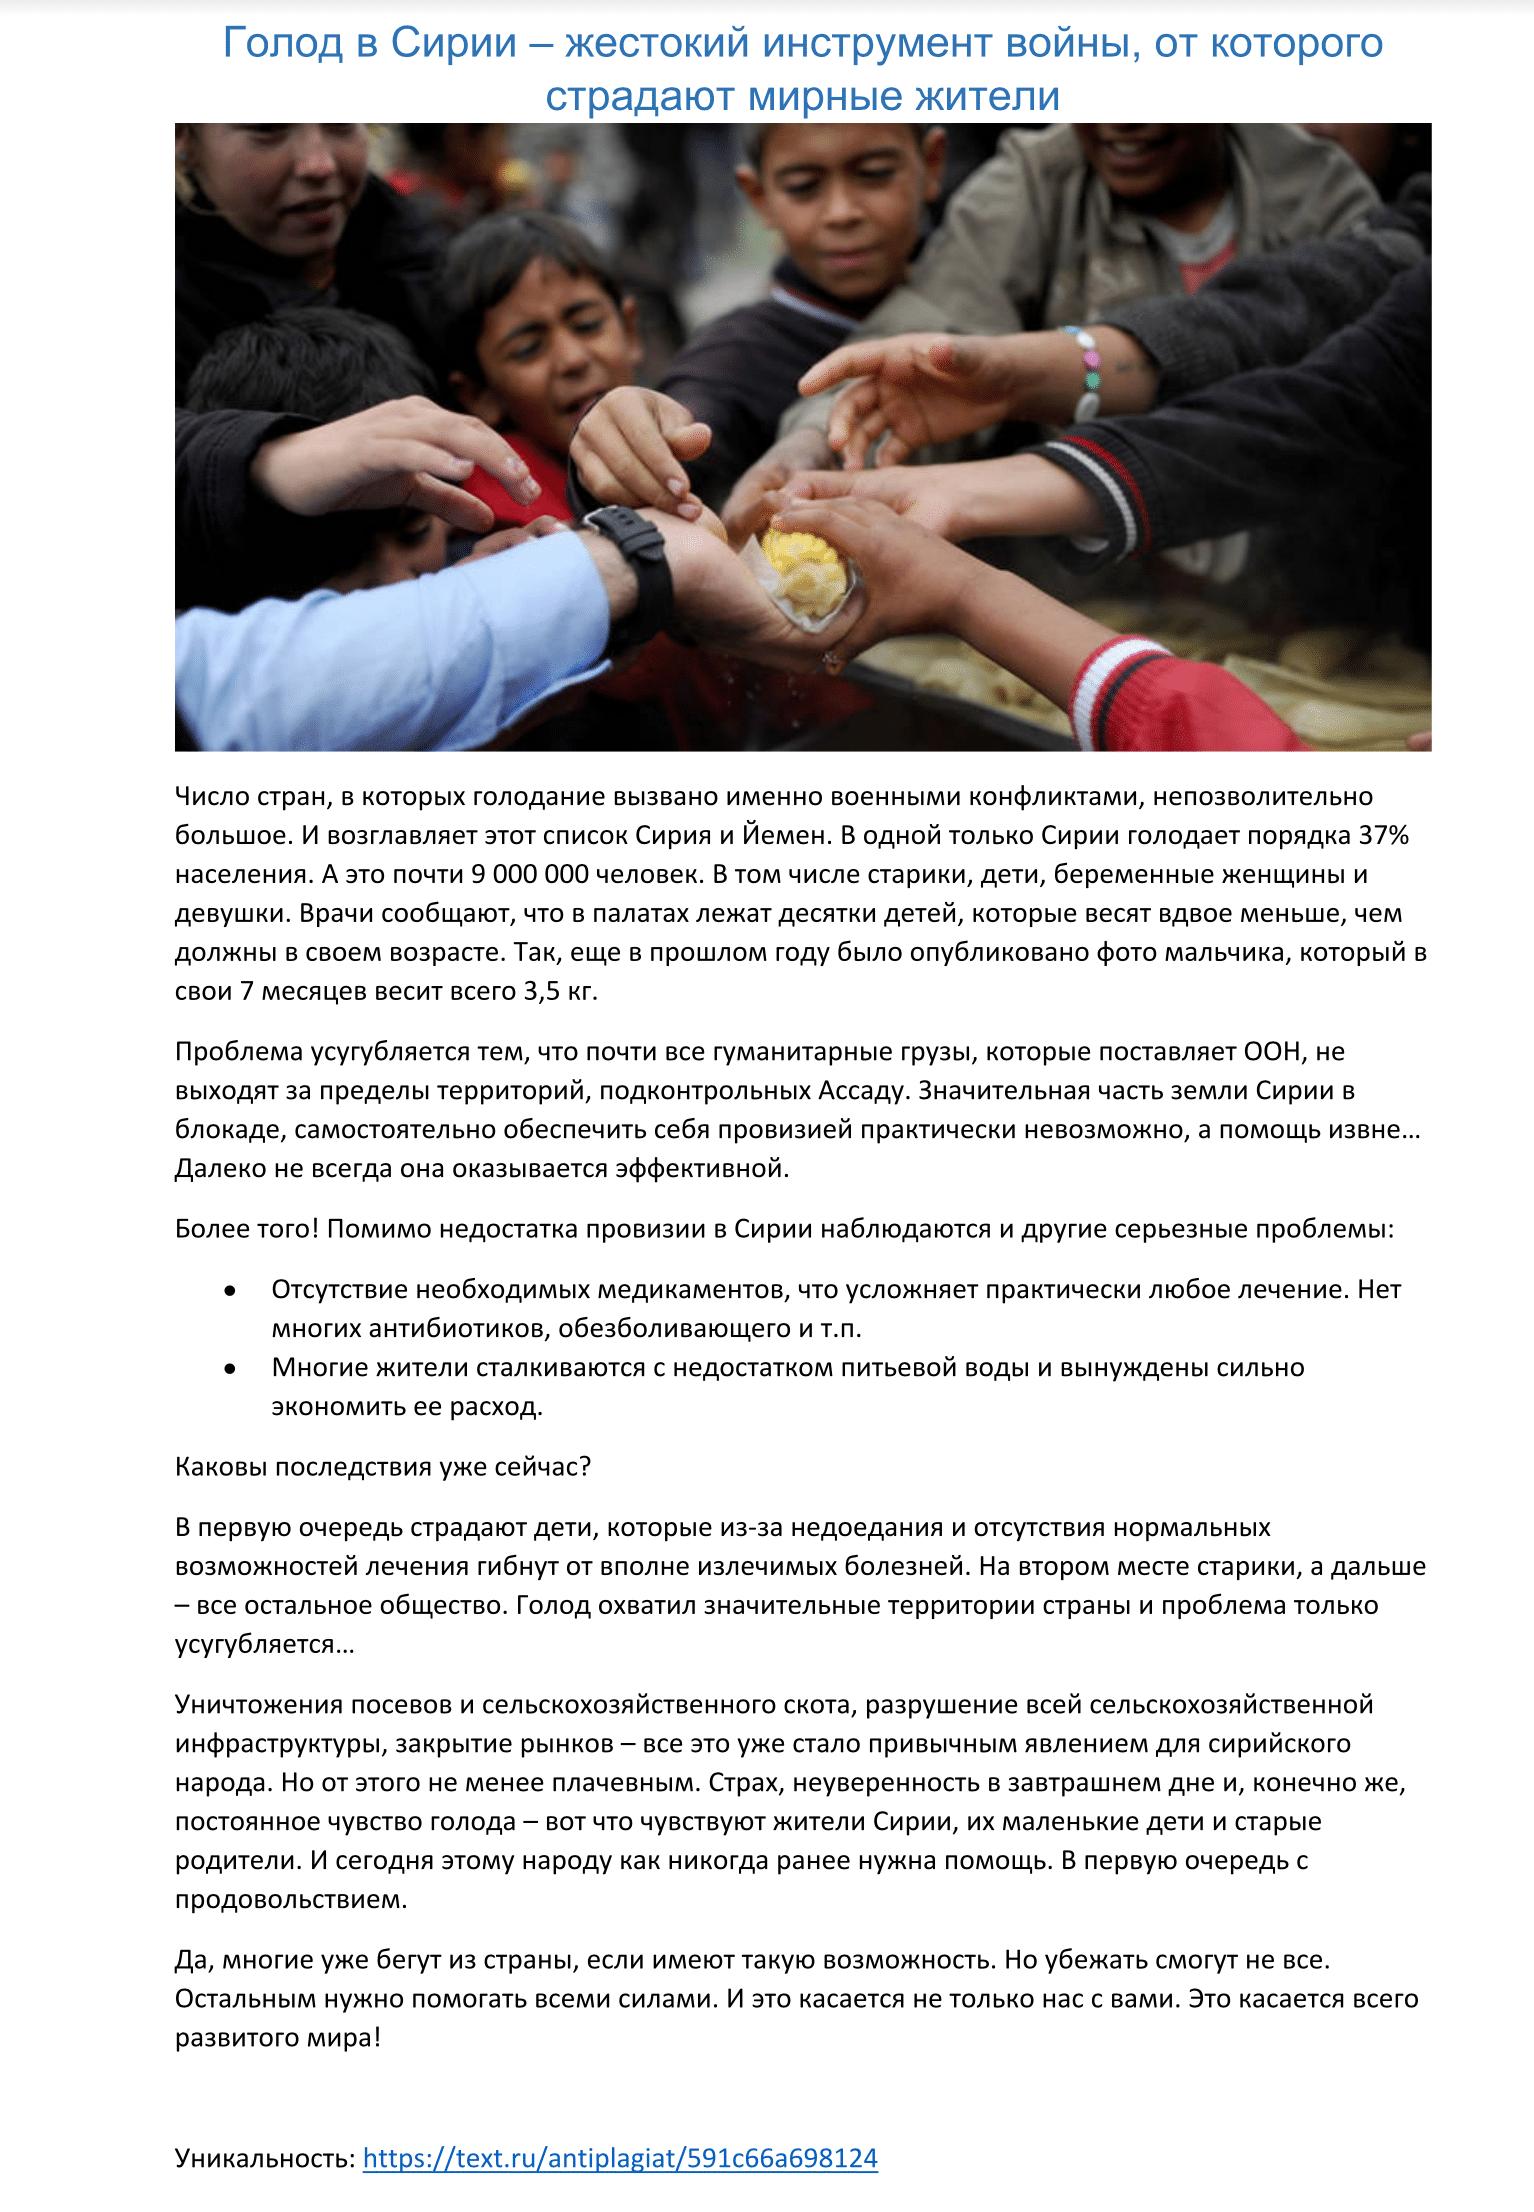 Пример статьи для социальной сети №21 - Статья на тему голода среди жителей Сирийского народа. Пример статьи для социальной сети №21 - Статья на тему голода среди жителей Сирийского народа. Закажите текст у профессионального копирайтера и увеличьте